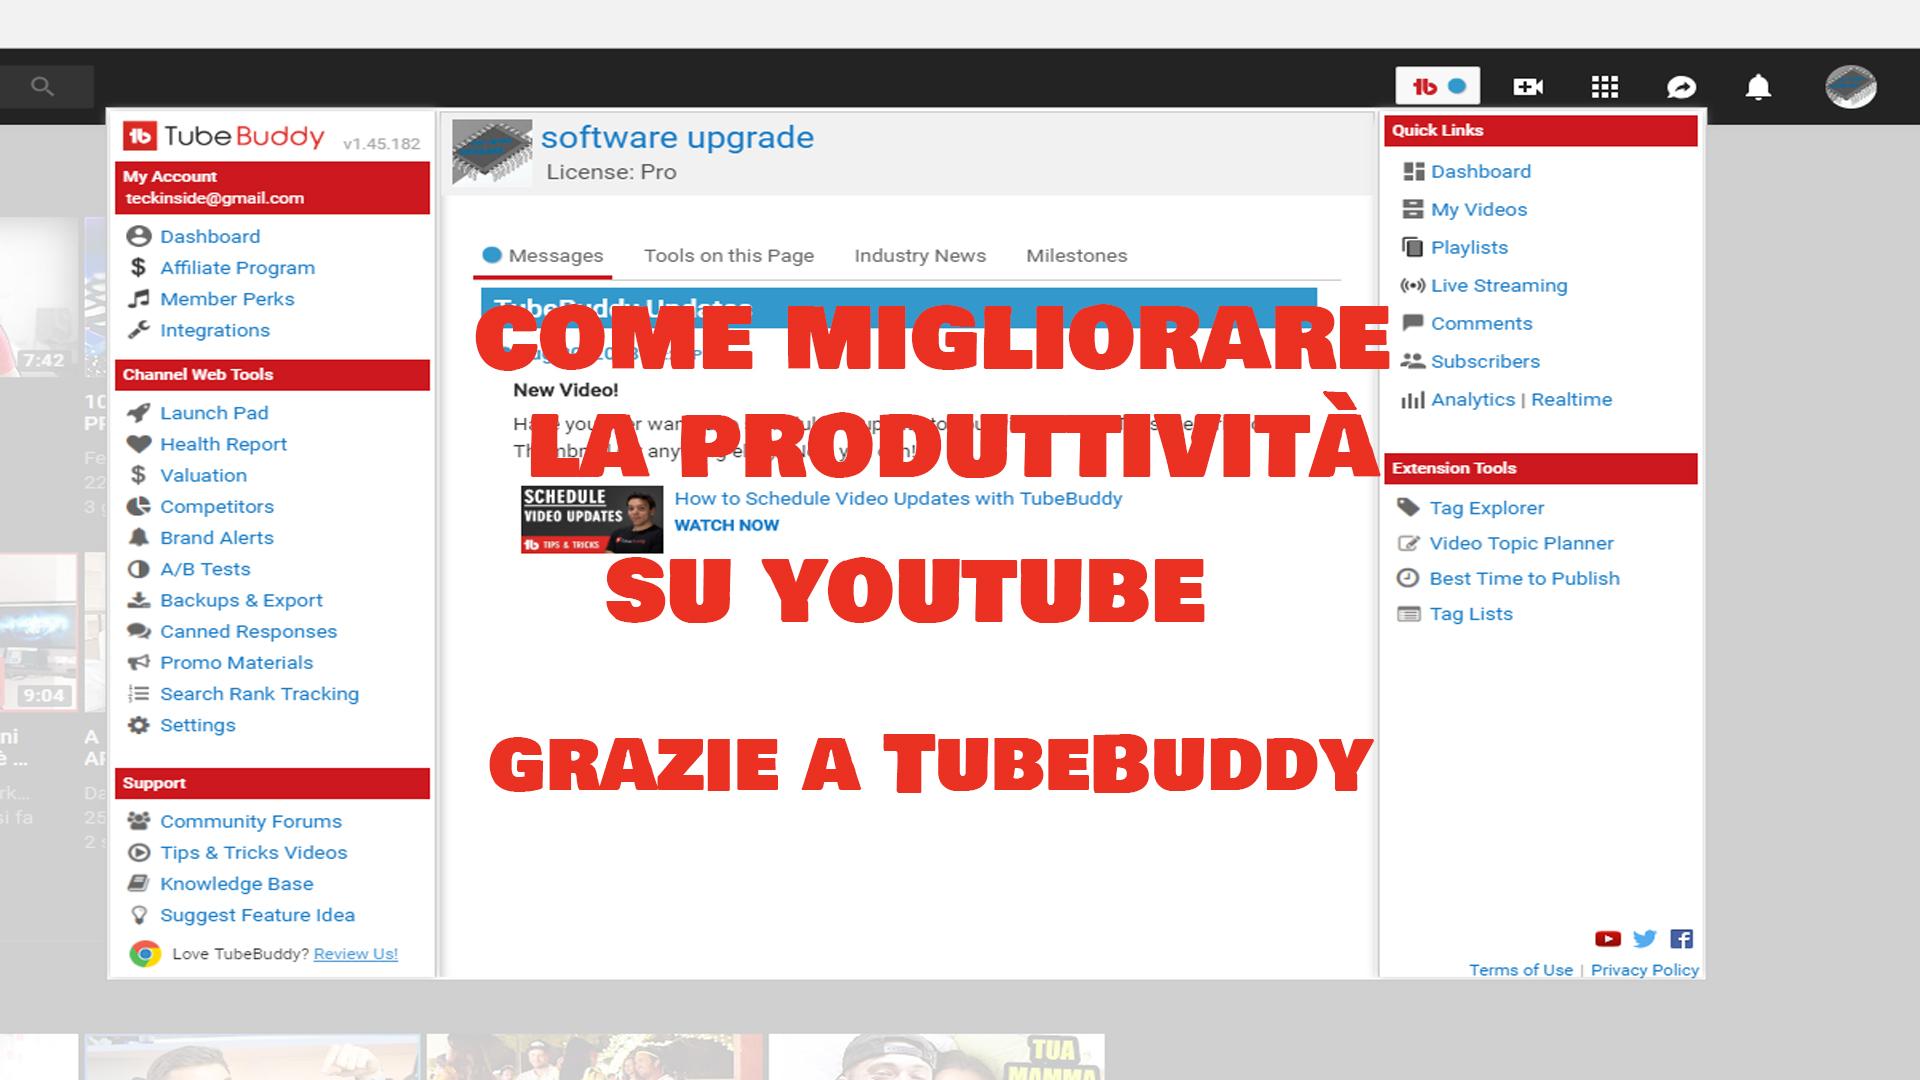 Come aumentare la produttività su Youtube grazie a TubeBuddy